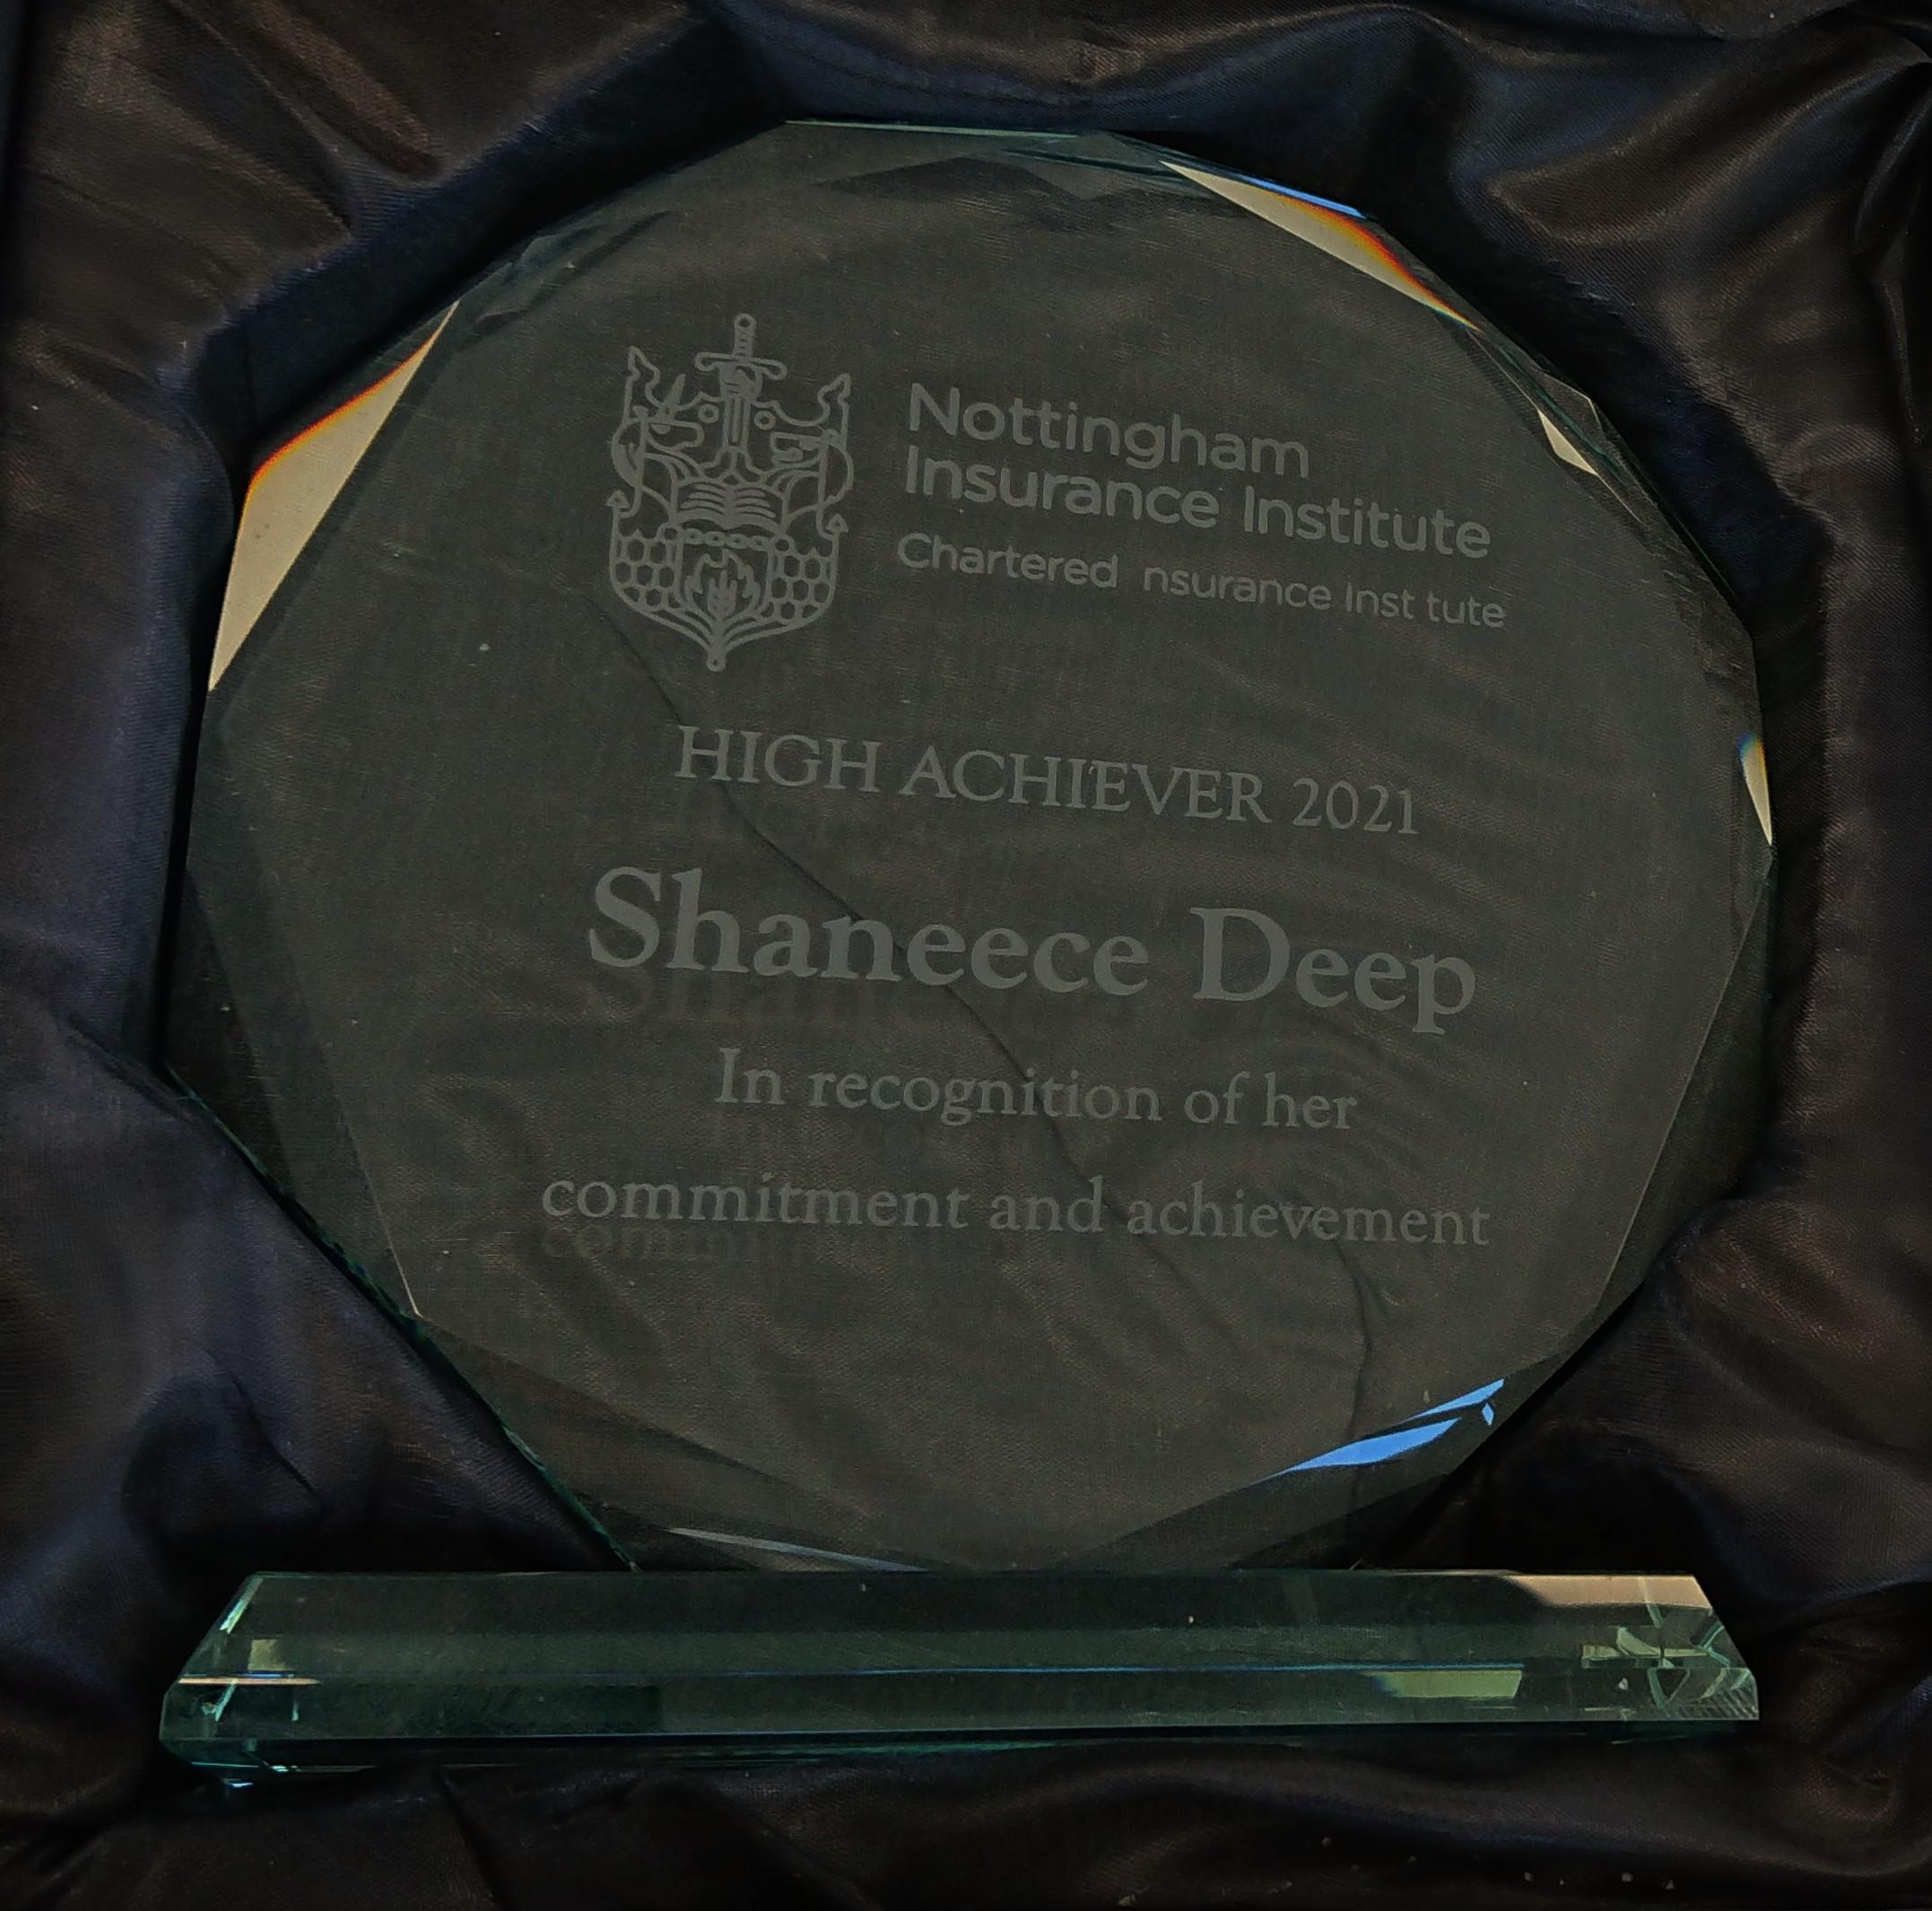 Congratulations, Shaneece!